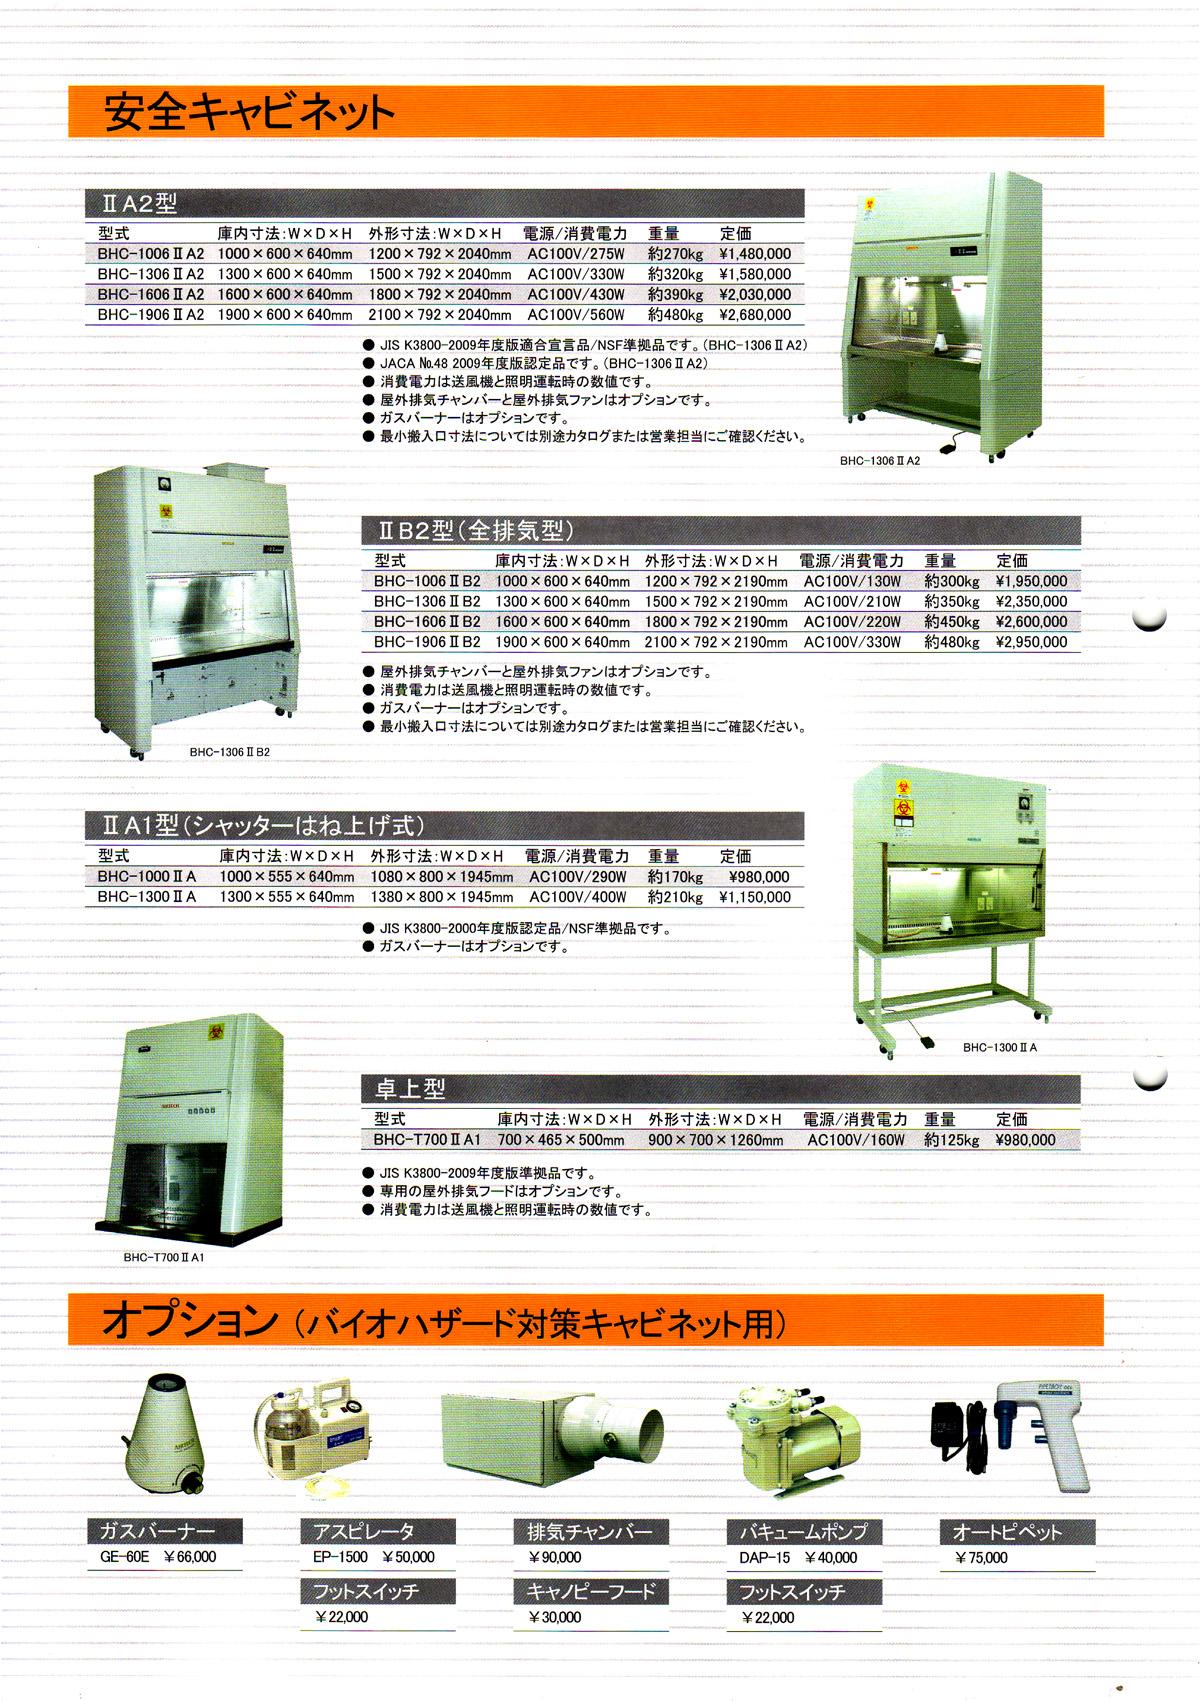 日本エアーテック 安全キャビネットカタログp1